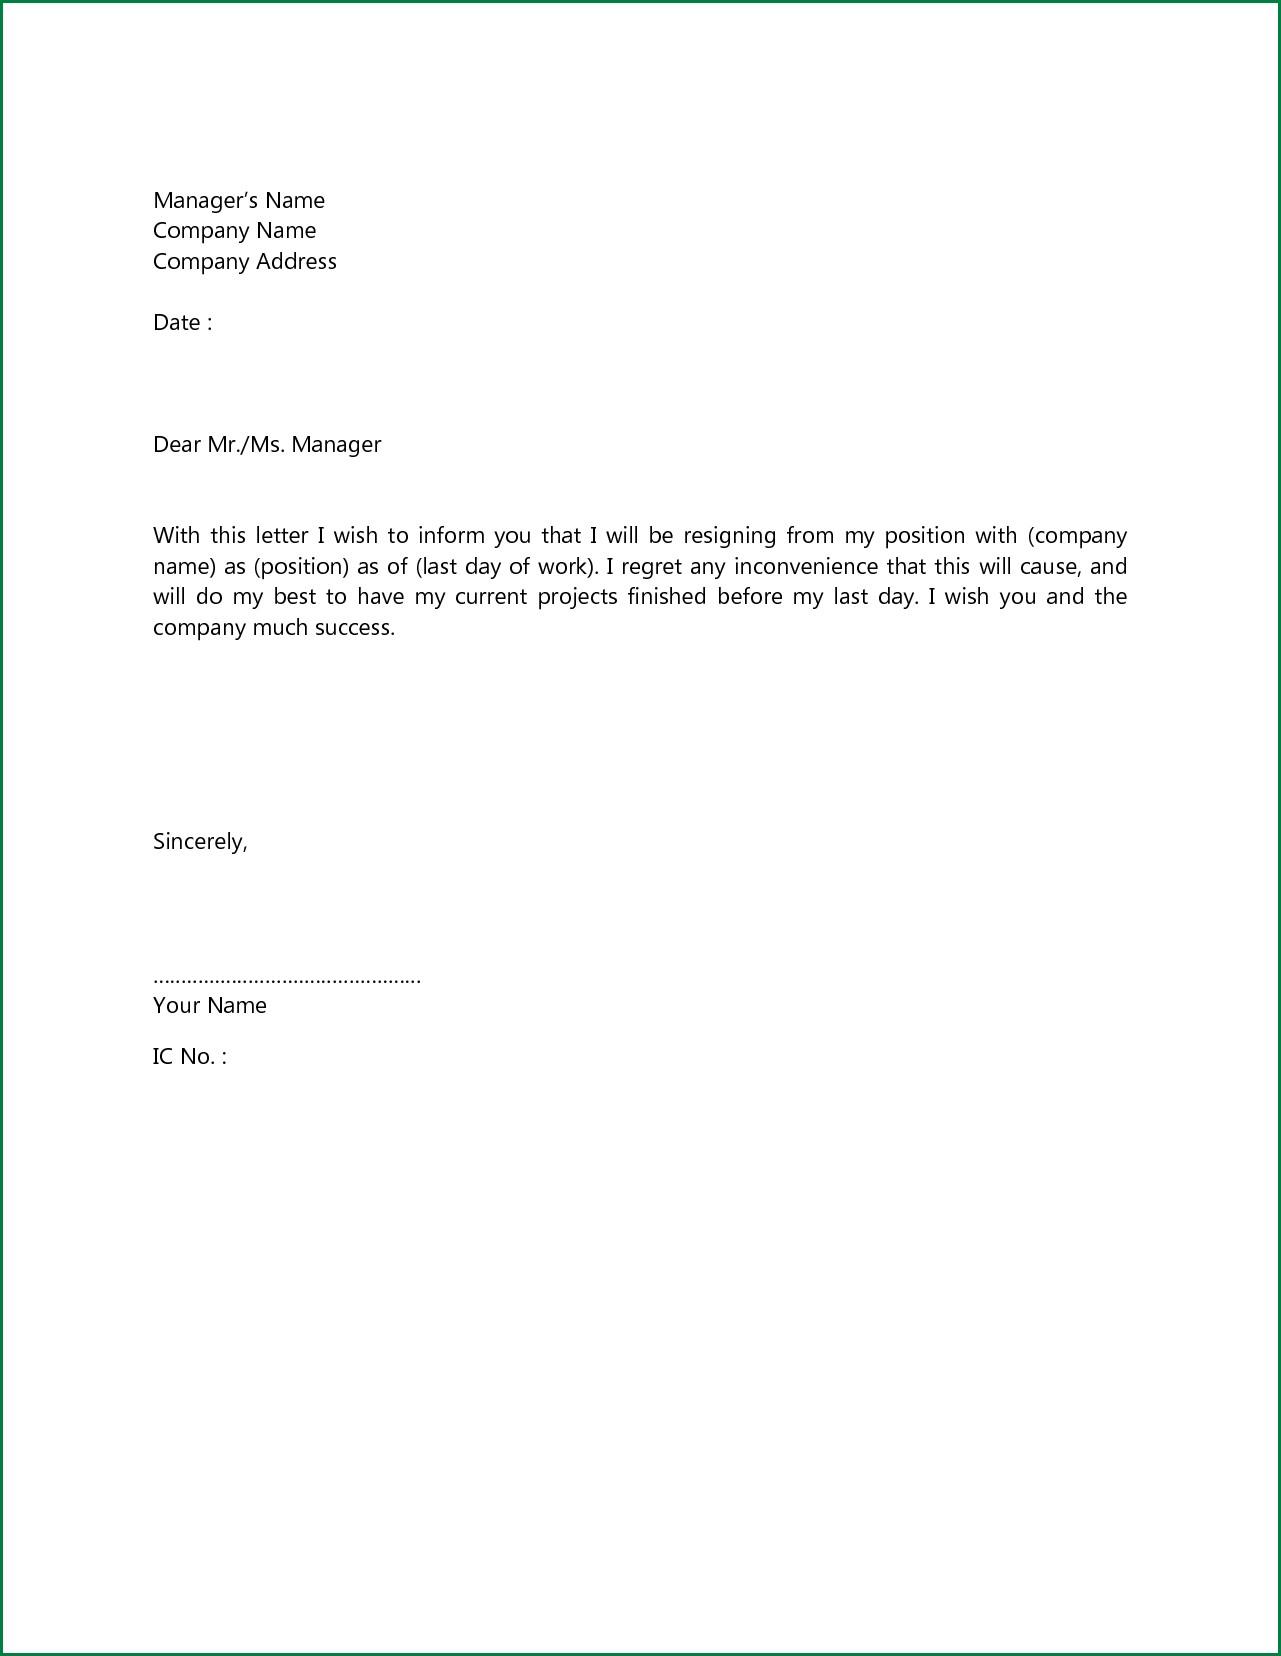 basic resignation letter template nz  Sample Simple Resignation Letter | scrumps - basic resignation letter template nz